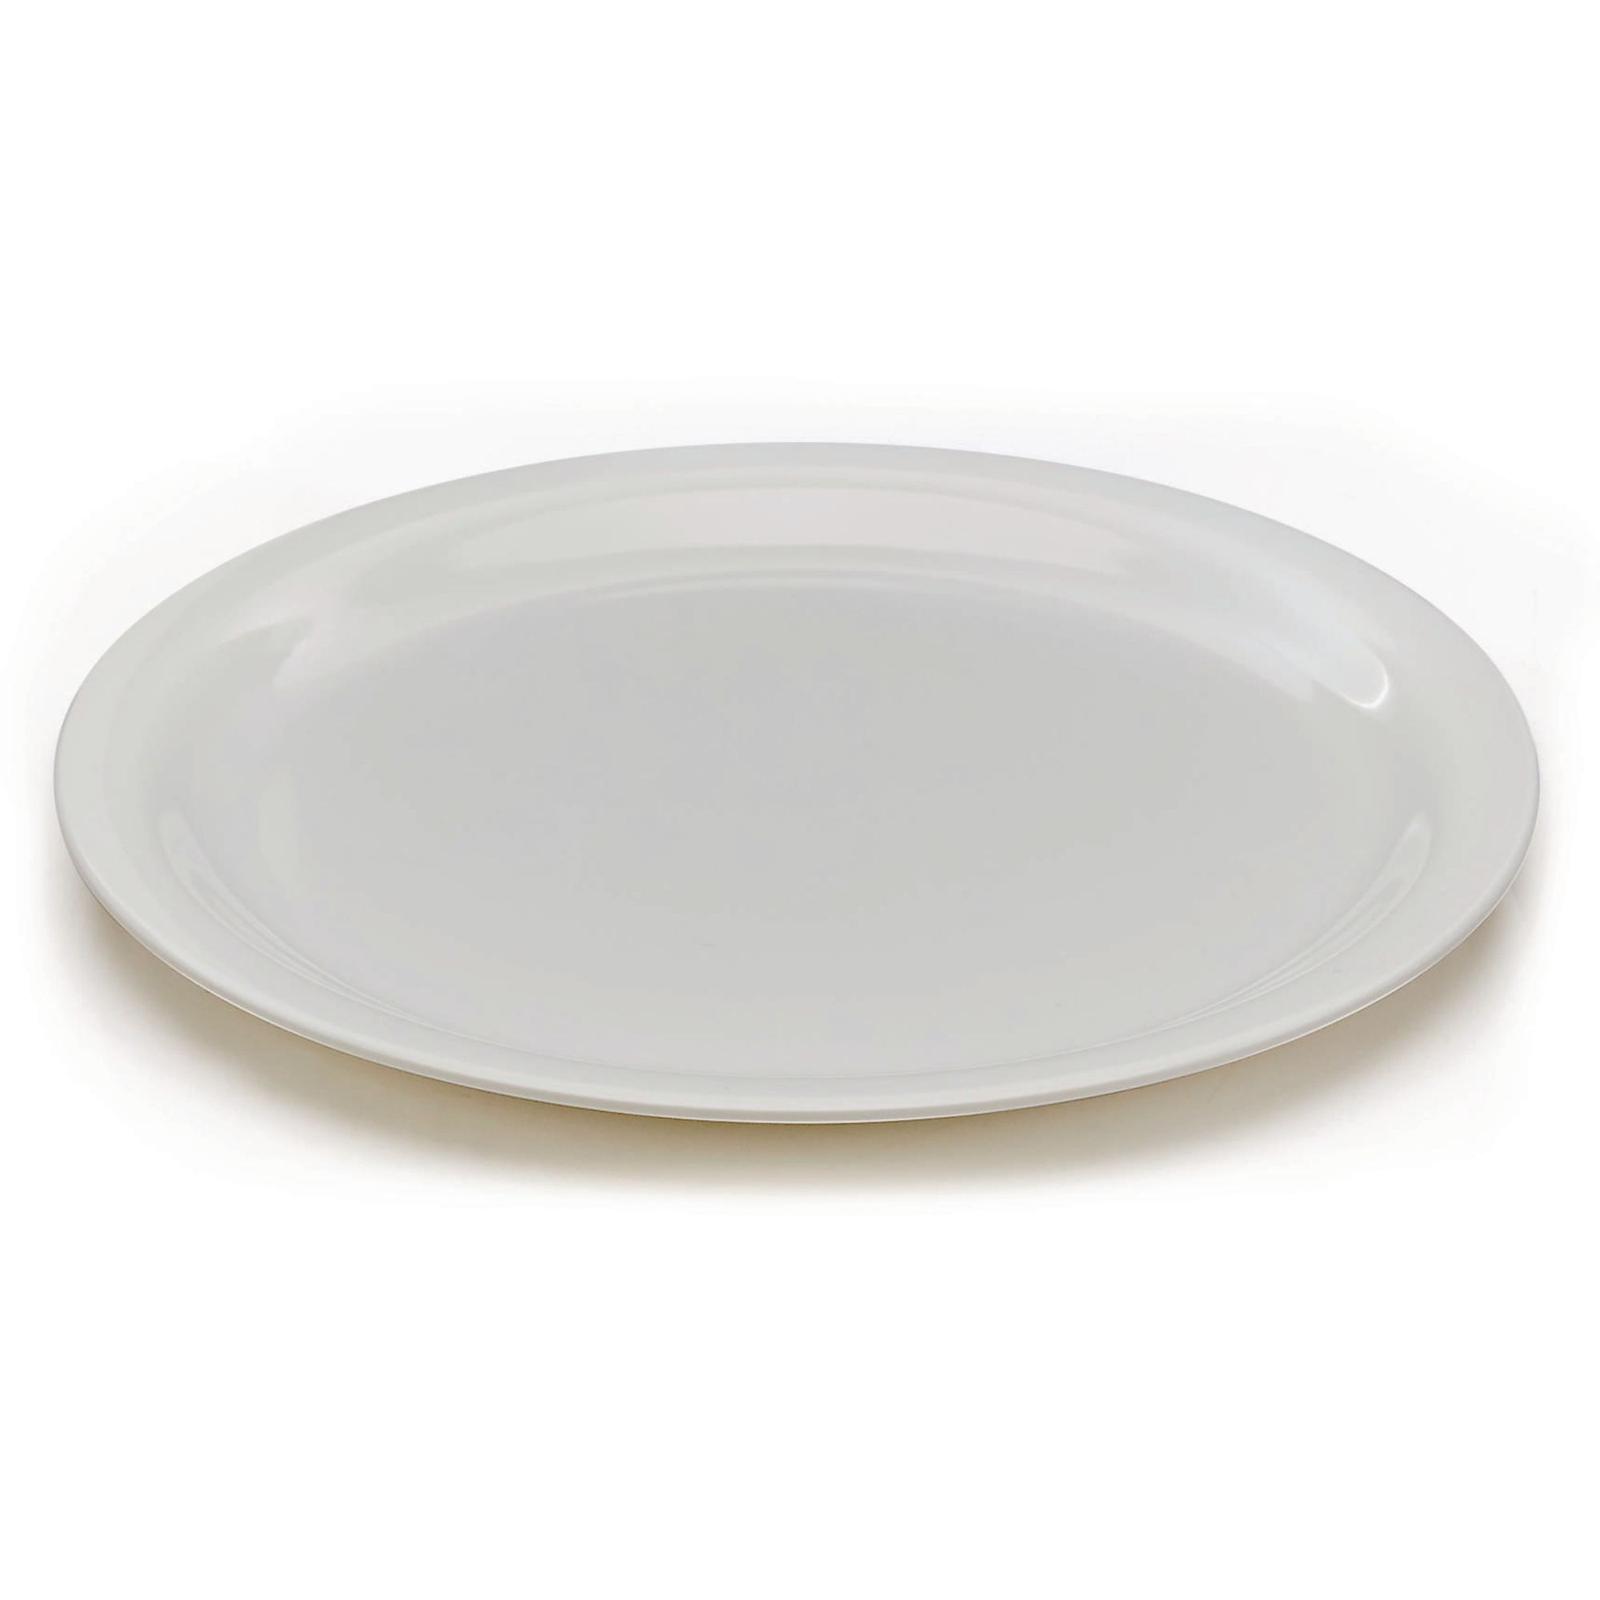 White Melamine Tableware - 230mm Plates